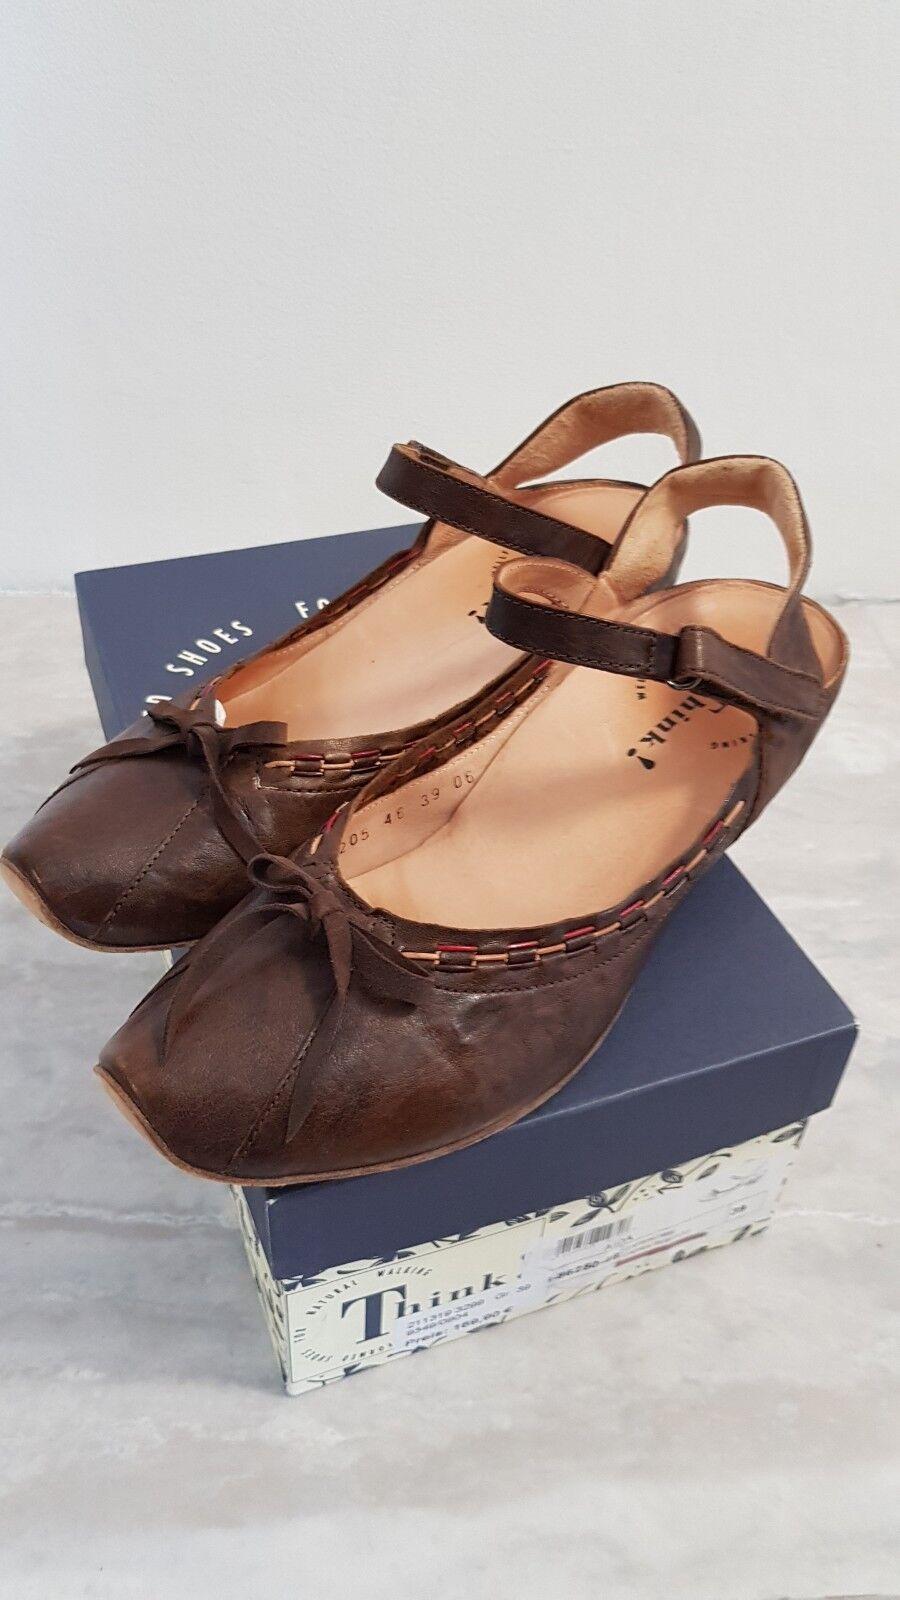 Think! Capra rustico cuero 39 sandalias zapatos sandalia Lagenlook un café